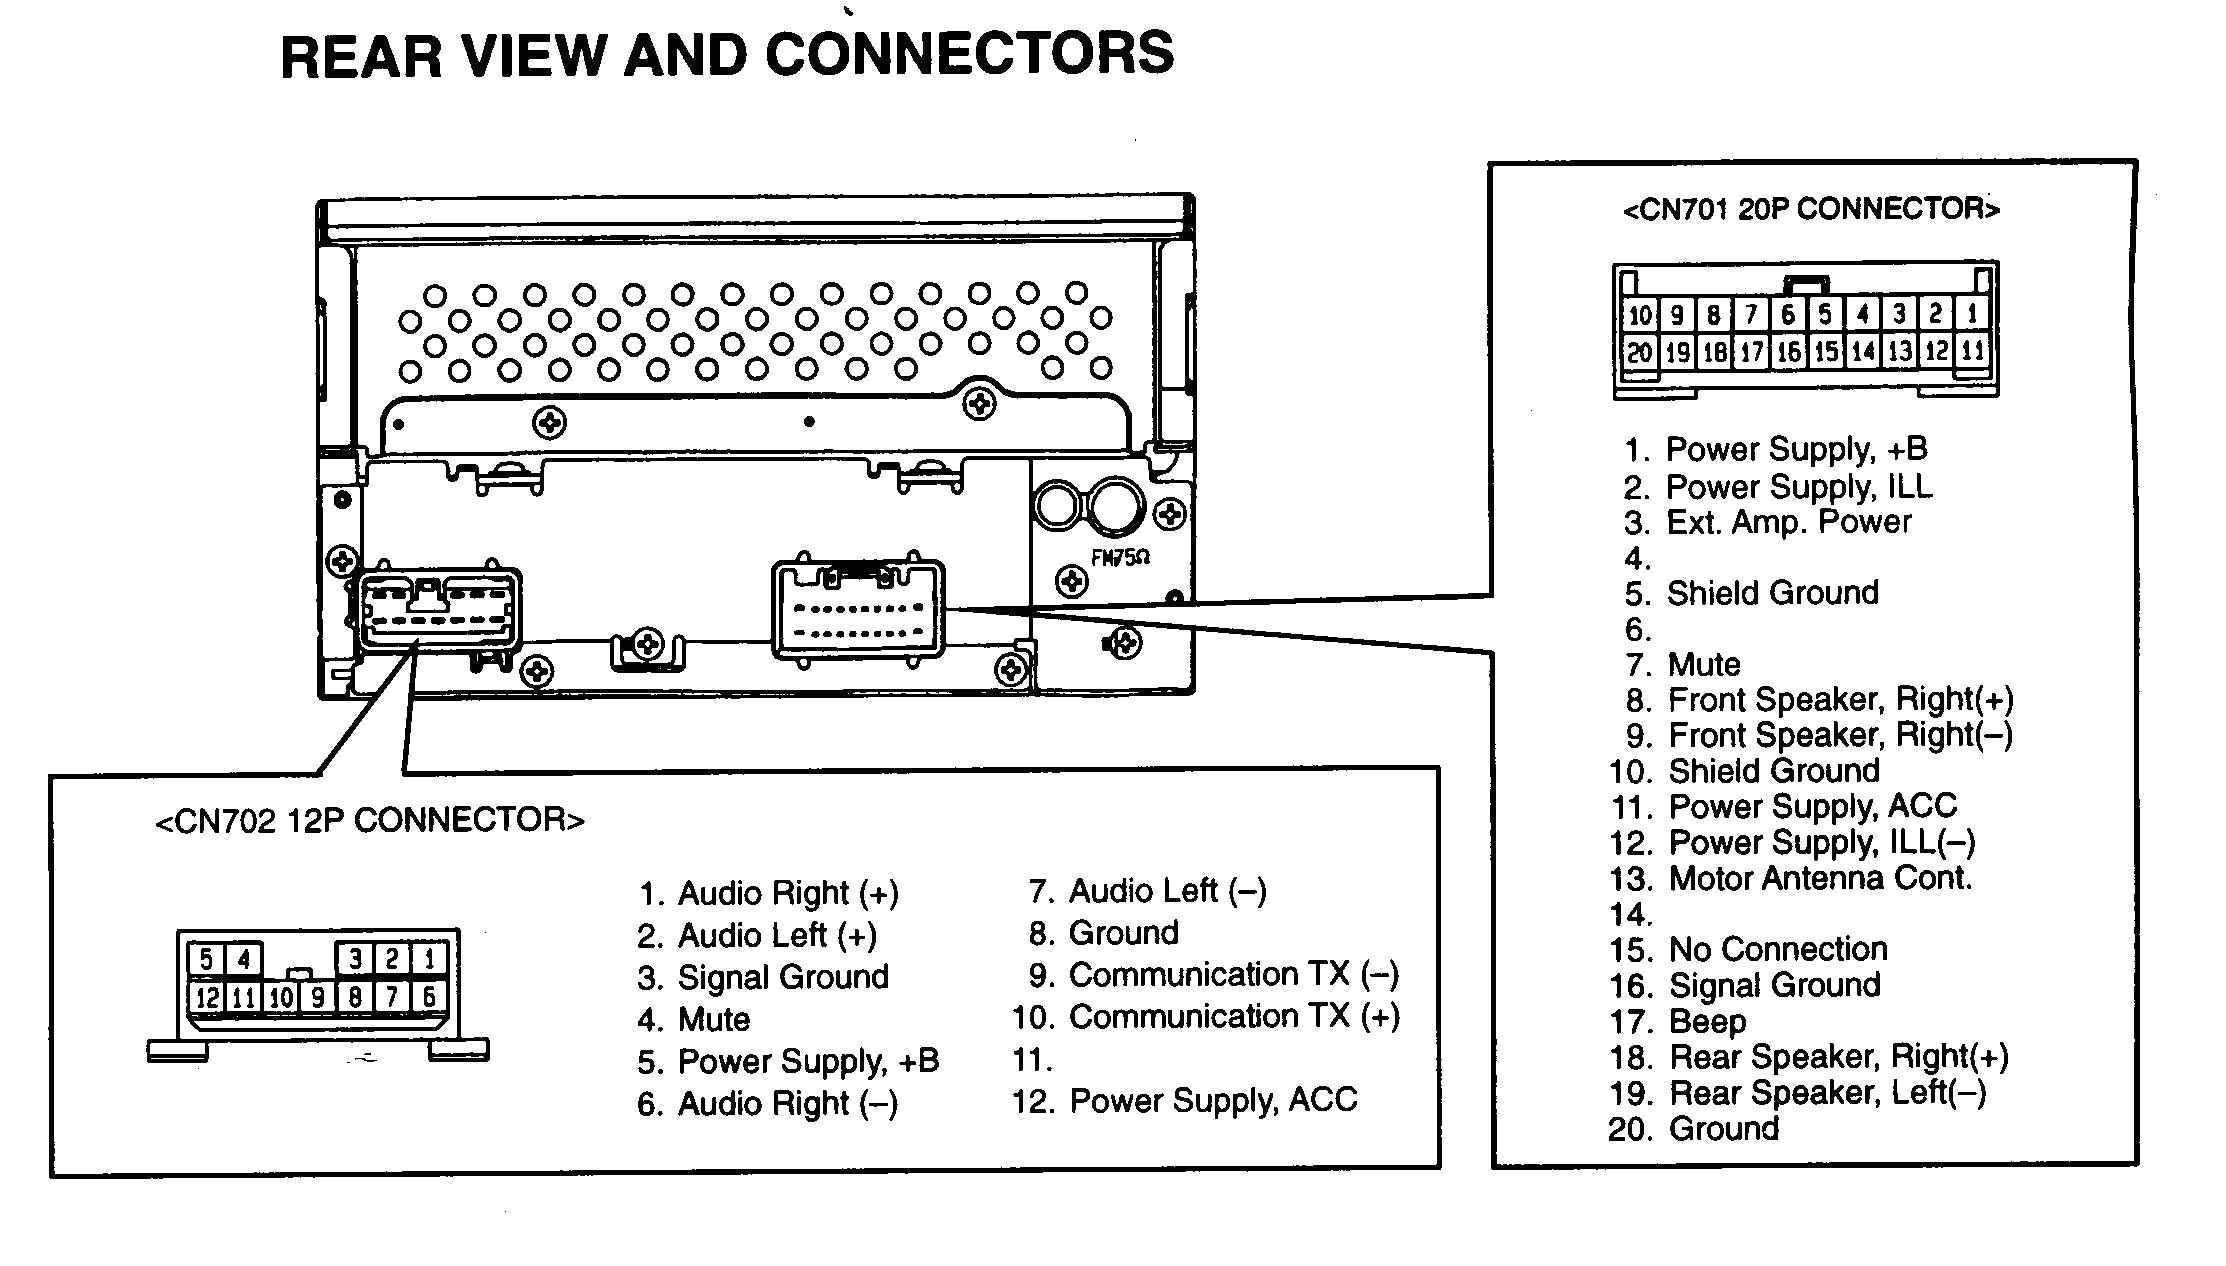 bose q45 wiring diagram wiring diagram datasource 1997 infiniti q45 bose stereo wiring diagram bose q45 wiring diagram